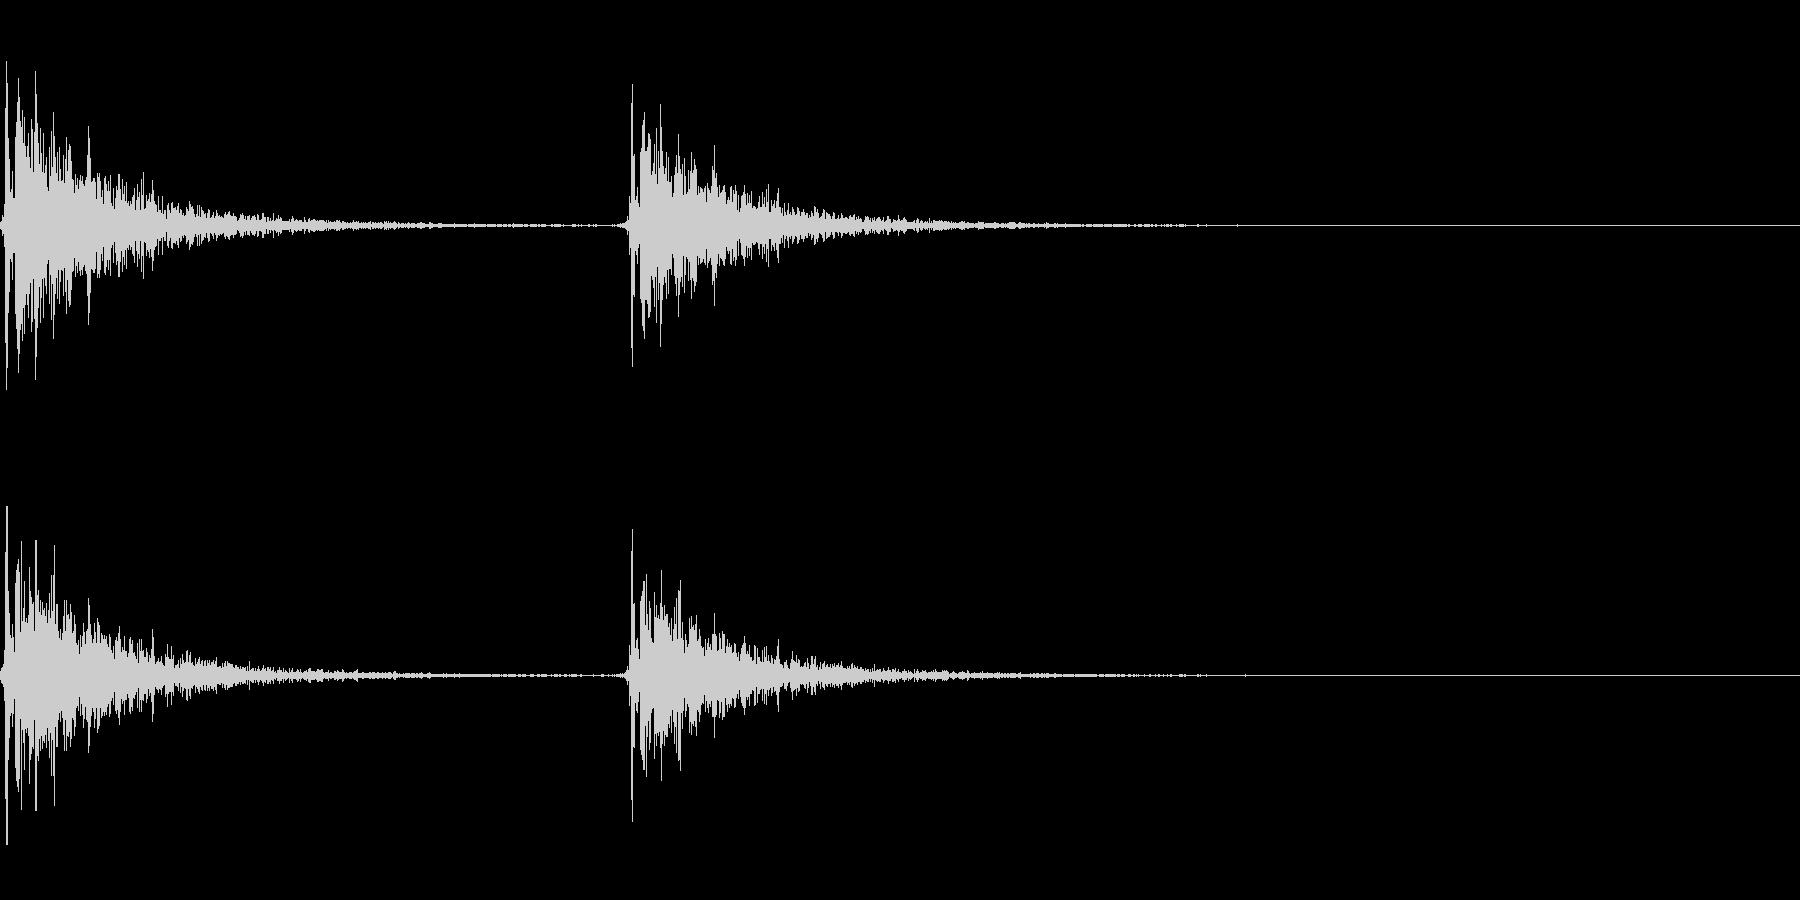 【SE 効果音】効果音その12の未再生の波形